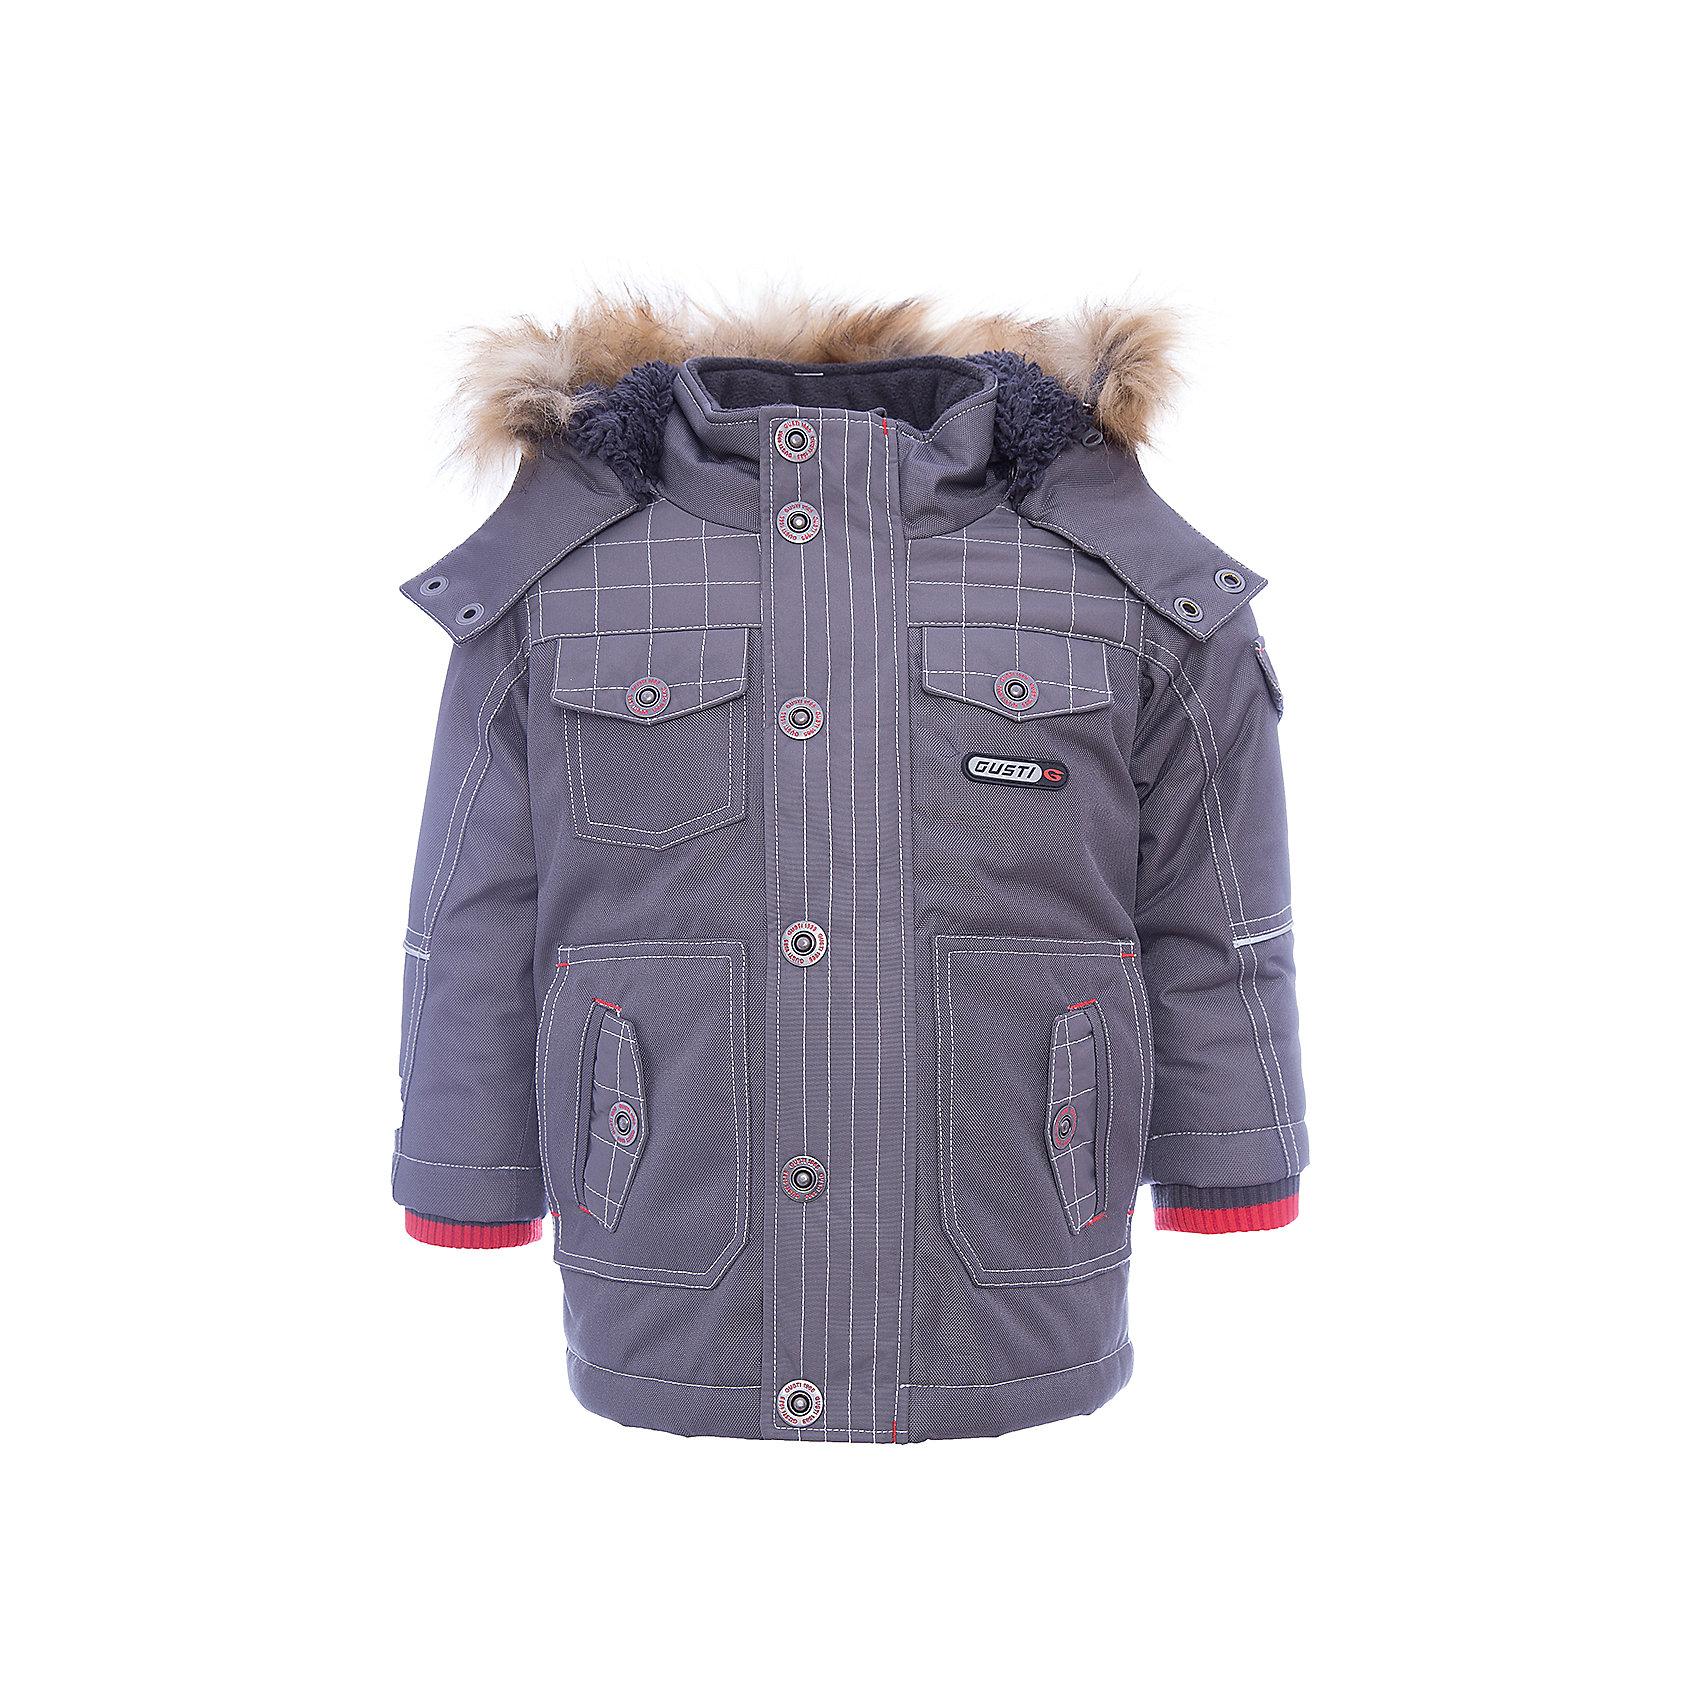 Куртка GUSTIВерхняя одежда<br>Куртка GUSTI (ГУСТИ) – это идеальный вариант для суровой зимы с сильными морозами.<br><br>Температурный режим: до -30  градусов. Степень утепления – высокая. <br><br>* Температурный режим указан приблизительно — необходимо, прежде всего, ориентироваться на ощущения ребенка. Температурный режим работает в случае соблюдения правила многослойности – использования флисовой поддевы и термобелья.<br><br>Удлиненная куртка прямого кроя от GUSTI (ГУСТИ) выполнена из плотного непромокаемого материала с защитной от влаги мембраной 5000 мм. Тань хорошо сохраняет тепло, отталкивает влагу и позволяет коже ребенка дышать. Утеплитель из тек-полифилла и флисовая внутренняя отделка на груди и на спинке дают возможность использовать куртку при очень низких температурах. Куртка застегивается на молнию с ветрозащитной планкой, имеет шесть удобных карманов, кулиску внутри по талии, высокий ворот с защитой шеи и подбородка, съемный капюшон с флисовой подкладкой и отстегивающейся оторочкой из искусственного меха. Модель подходит для прогулок на морозе до -30 градусов.<br><br>Дополнительная информация:<br><br>- Сезон: зима<br>- Пол: мальчик<br>- Цвет: серый<br>- Температурный режим до -30 градусов<br>- Материал верха: shuss 5000мм (100% полиэстер)<br>- Наполнитель: тек-полифилл плотностью 283 гр/м (10 унций) 100% полиэстер<br>- Подкладка: флис на груди и спинке (100% полиэстер)<br>- Молнии и фурнитура YKK<br>- Светоотражающие элементы 3М Scotchlite<br><br>Куртку GUSTI (ГУСТИ) можно купить в нашем интернет-магазине.<br><br>Ширина мм: 356<br>Глубина мм: 10<br>Высота мм: 245<br>Вес г: 519<br>Цвет: серый<br>Возраст от месяцев: 12<br>Возраст до месяцев: 24<br>Пол: Мужской<br>Возраст: Детский<br>Размер: 92,152,164,98,100,104,110,116,120,122,128,140<br>SKU: 4972557